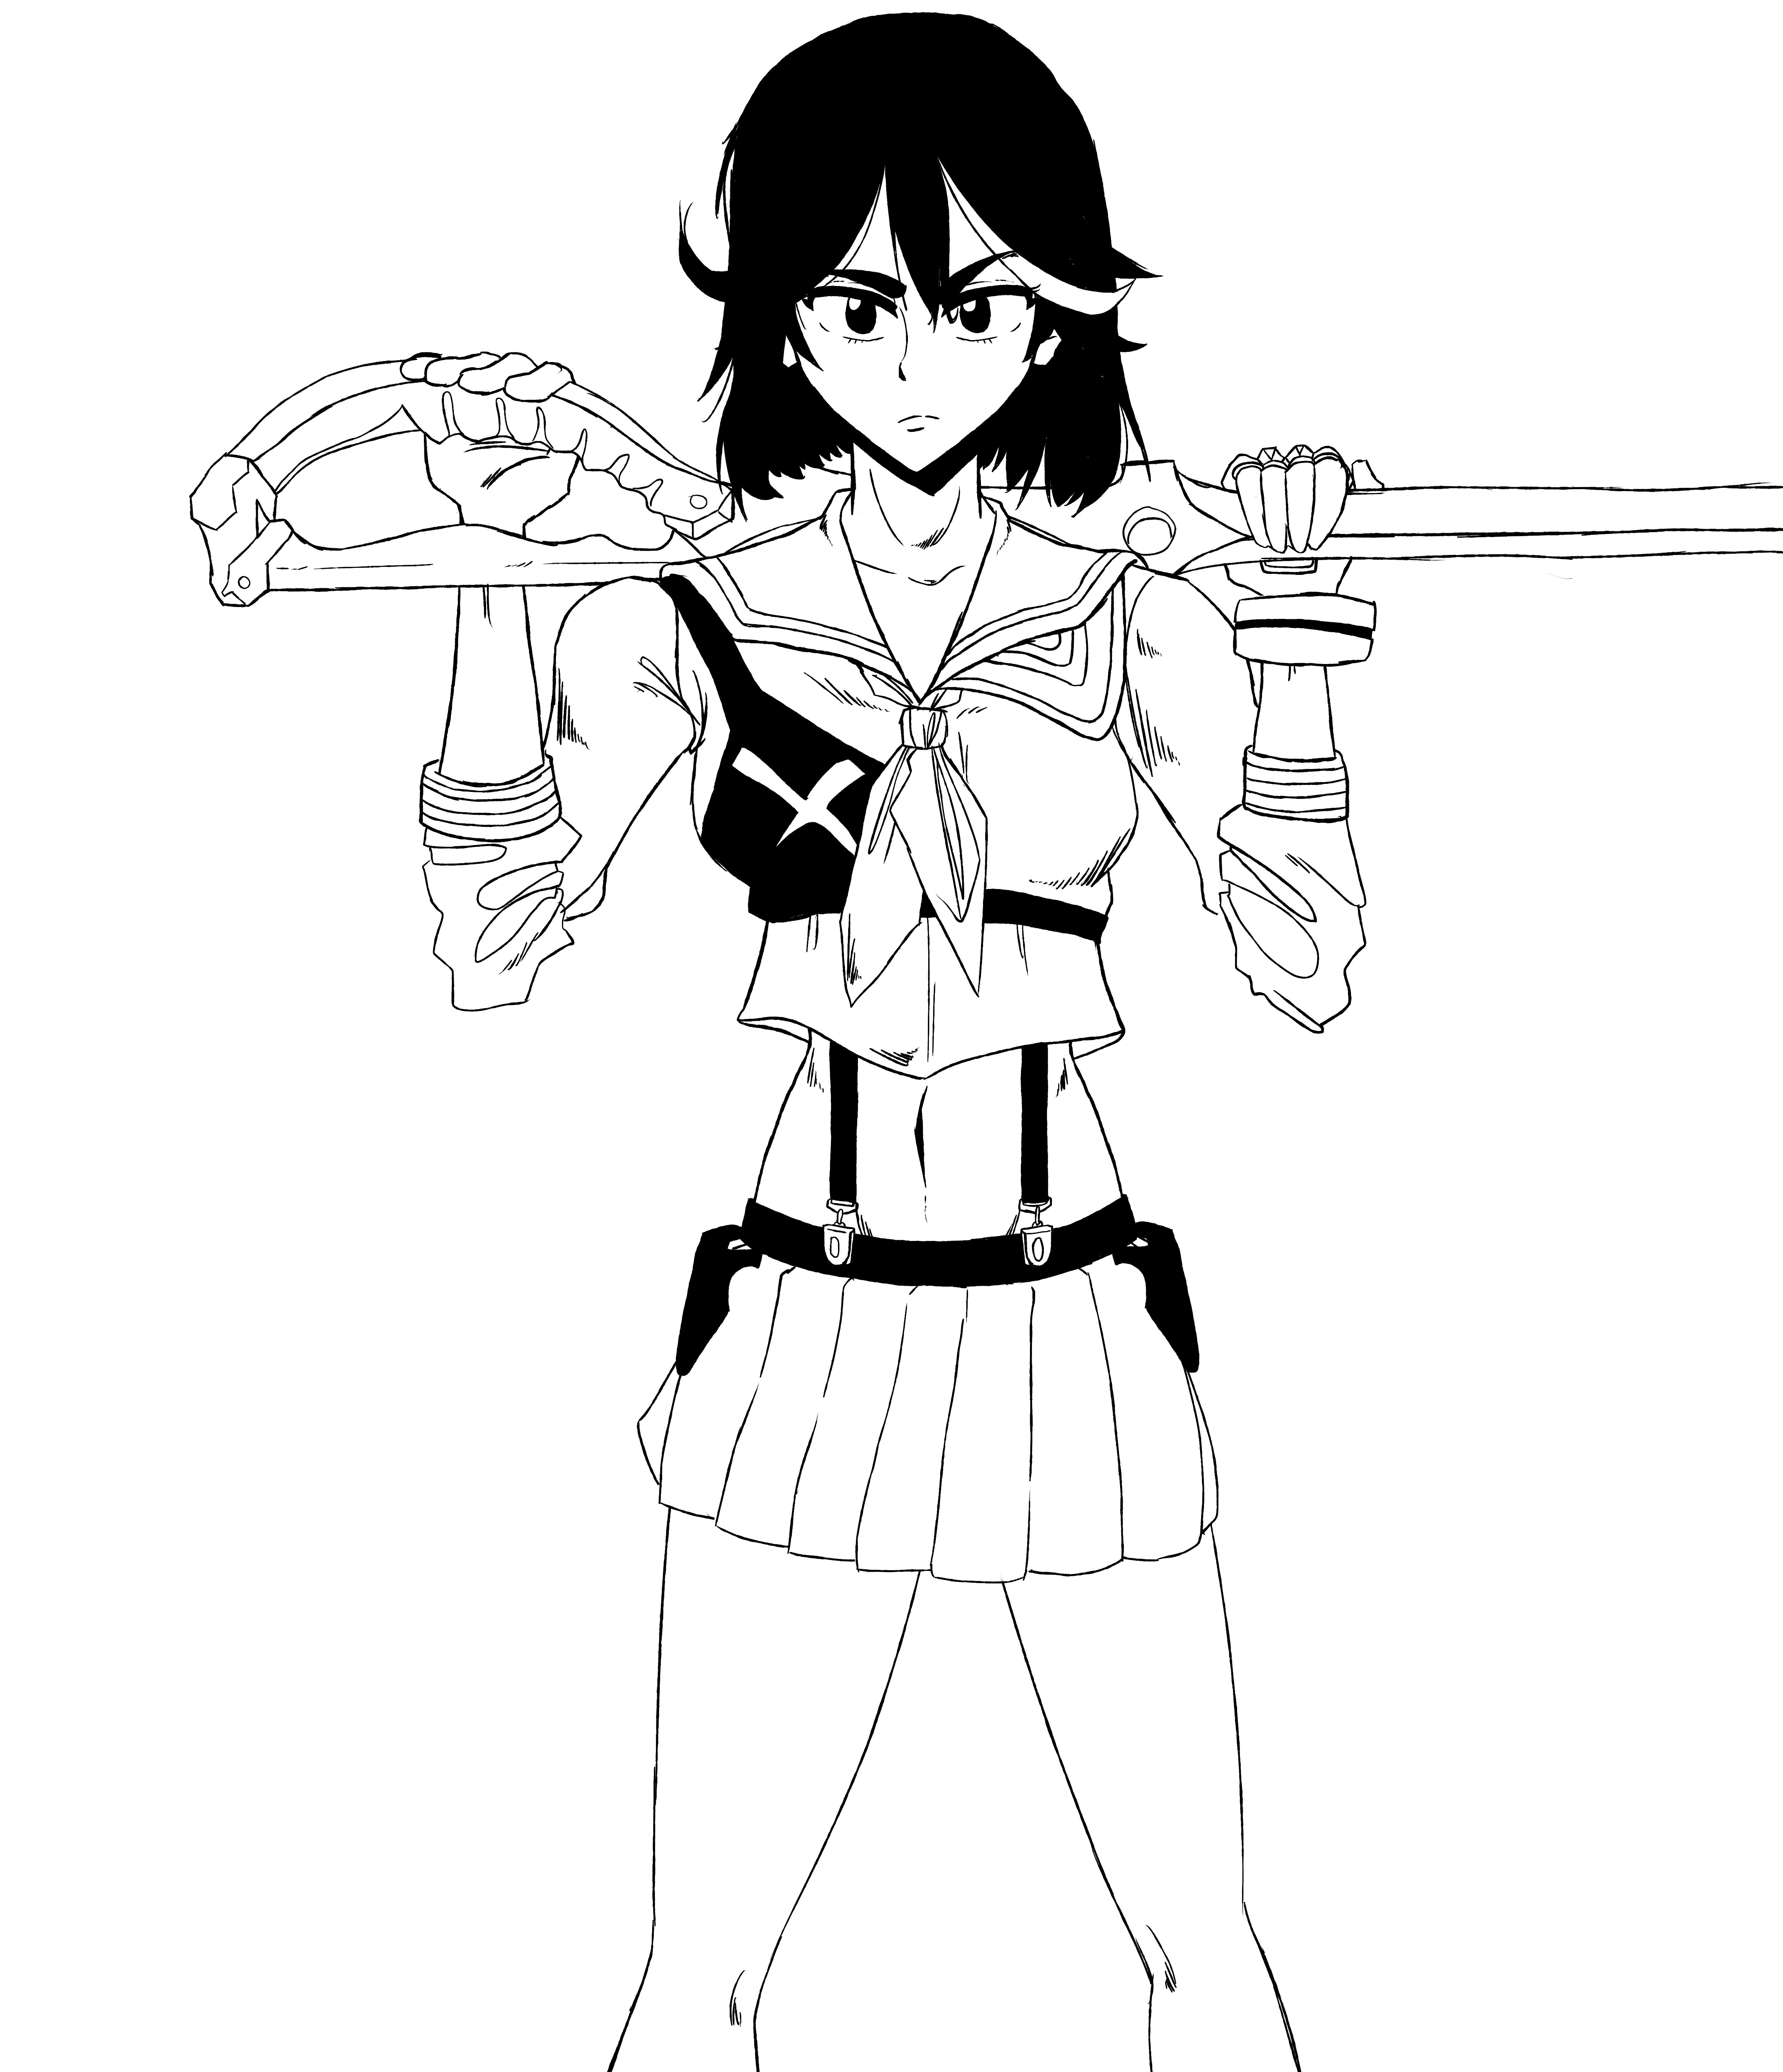 Ryuko sketch II